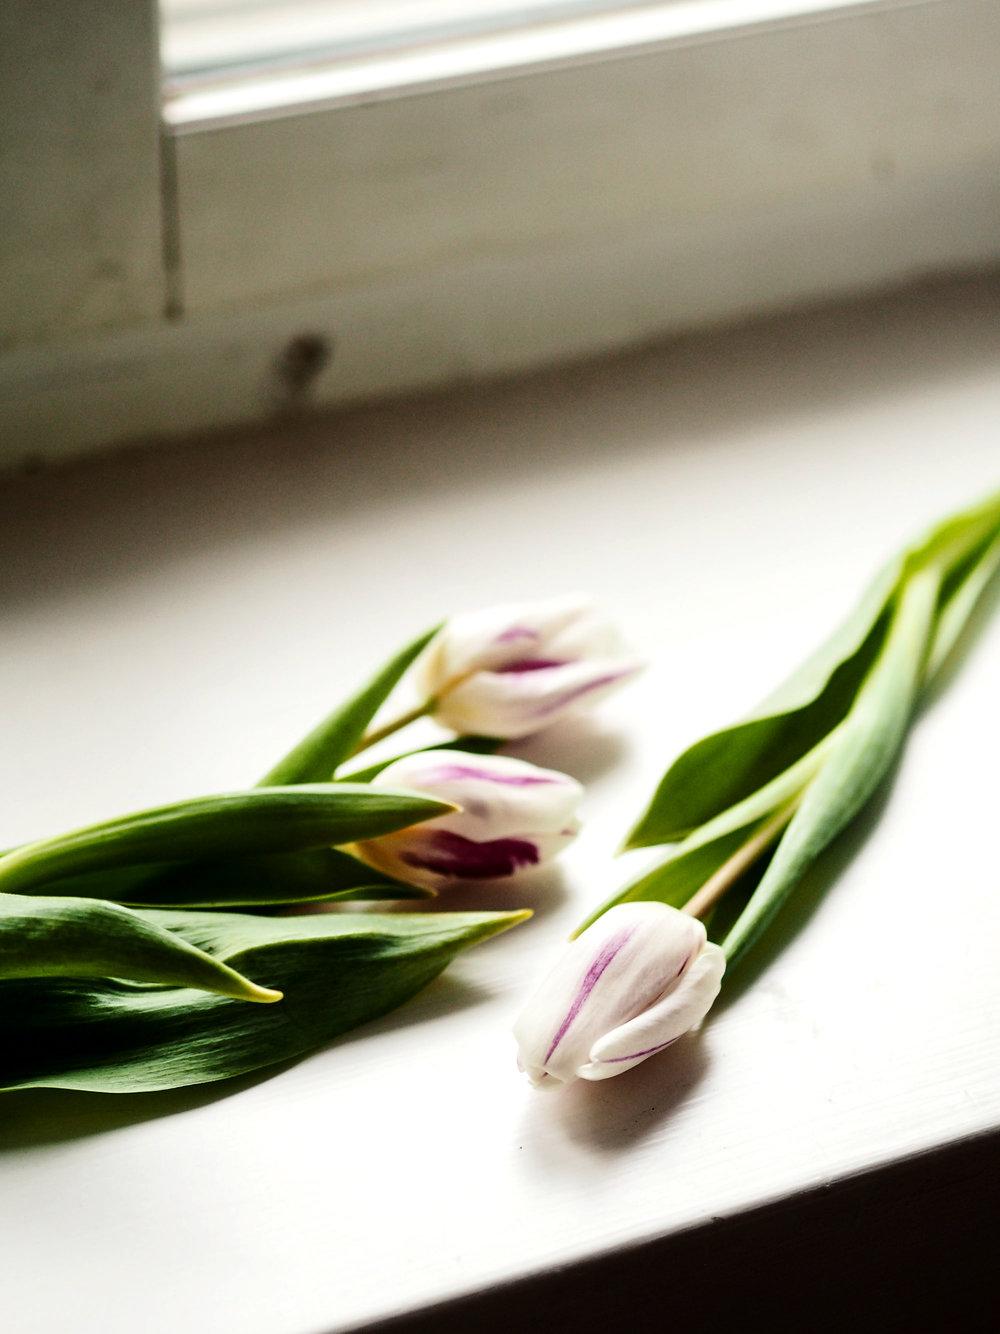 Hollantilaisten tulppaanimanian aikana raidalliset lajikkeet olivat himotuimpia ja niistä maksettiin päättömiä summia. Vasta satoja vuosia myöhemmin selvisi, että raidan tulppaanin terälehden väriin aiheuttaa virus kukkasipulissa.